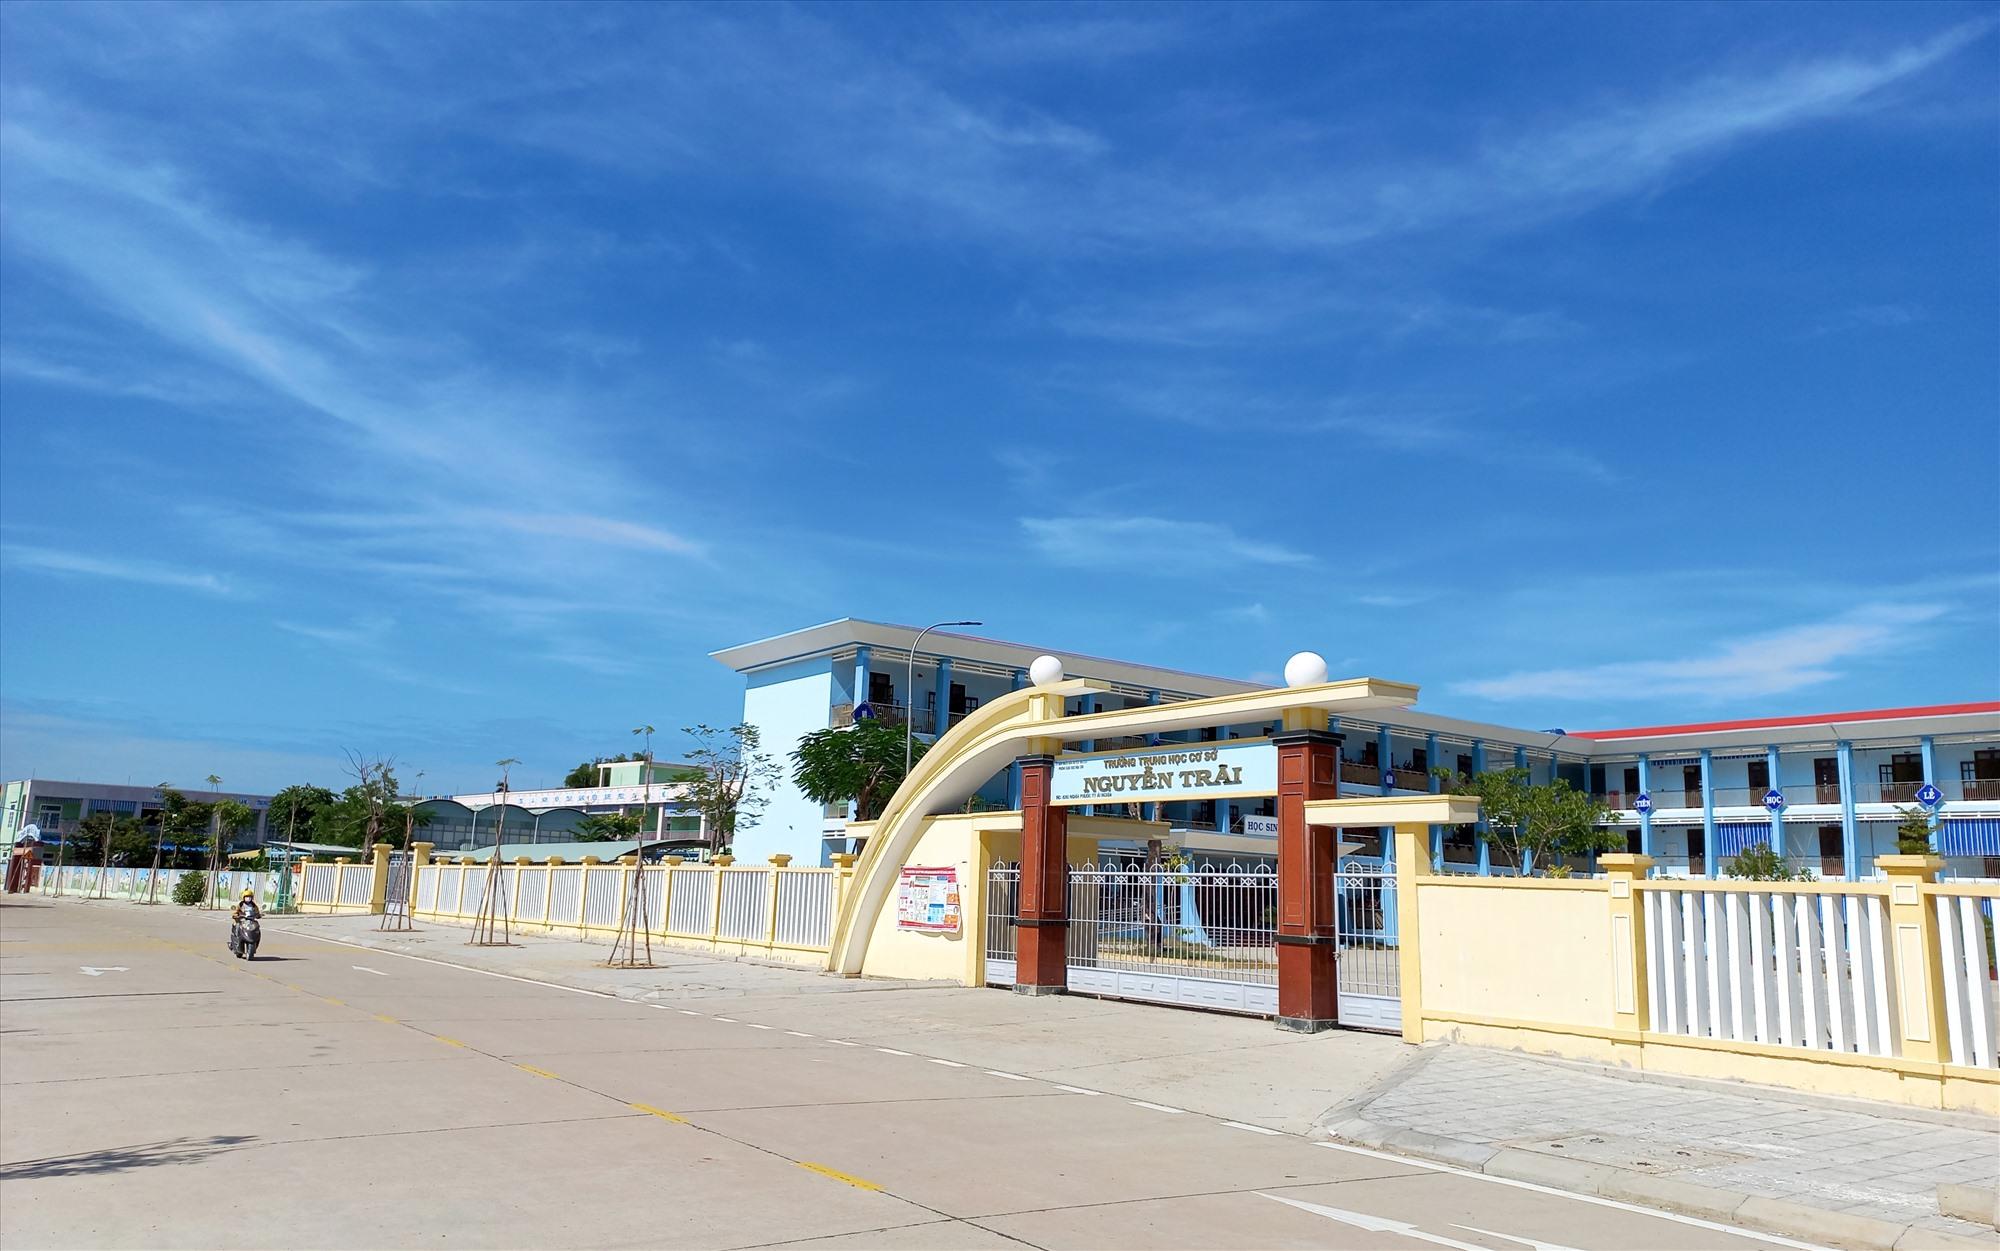 Hai trường THCS Nguyễn Trãi và Mầm non Ái Nghĩa (nằm cạnh Trường THCS Nguyễn Trãi) được trưng dụng làm khu cách ly tập trung. Ảnh: CT